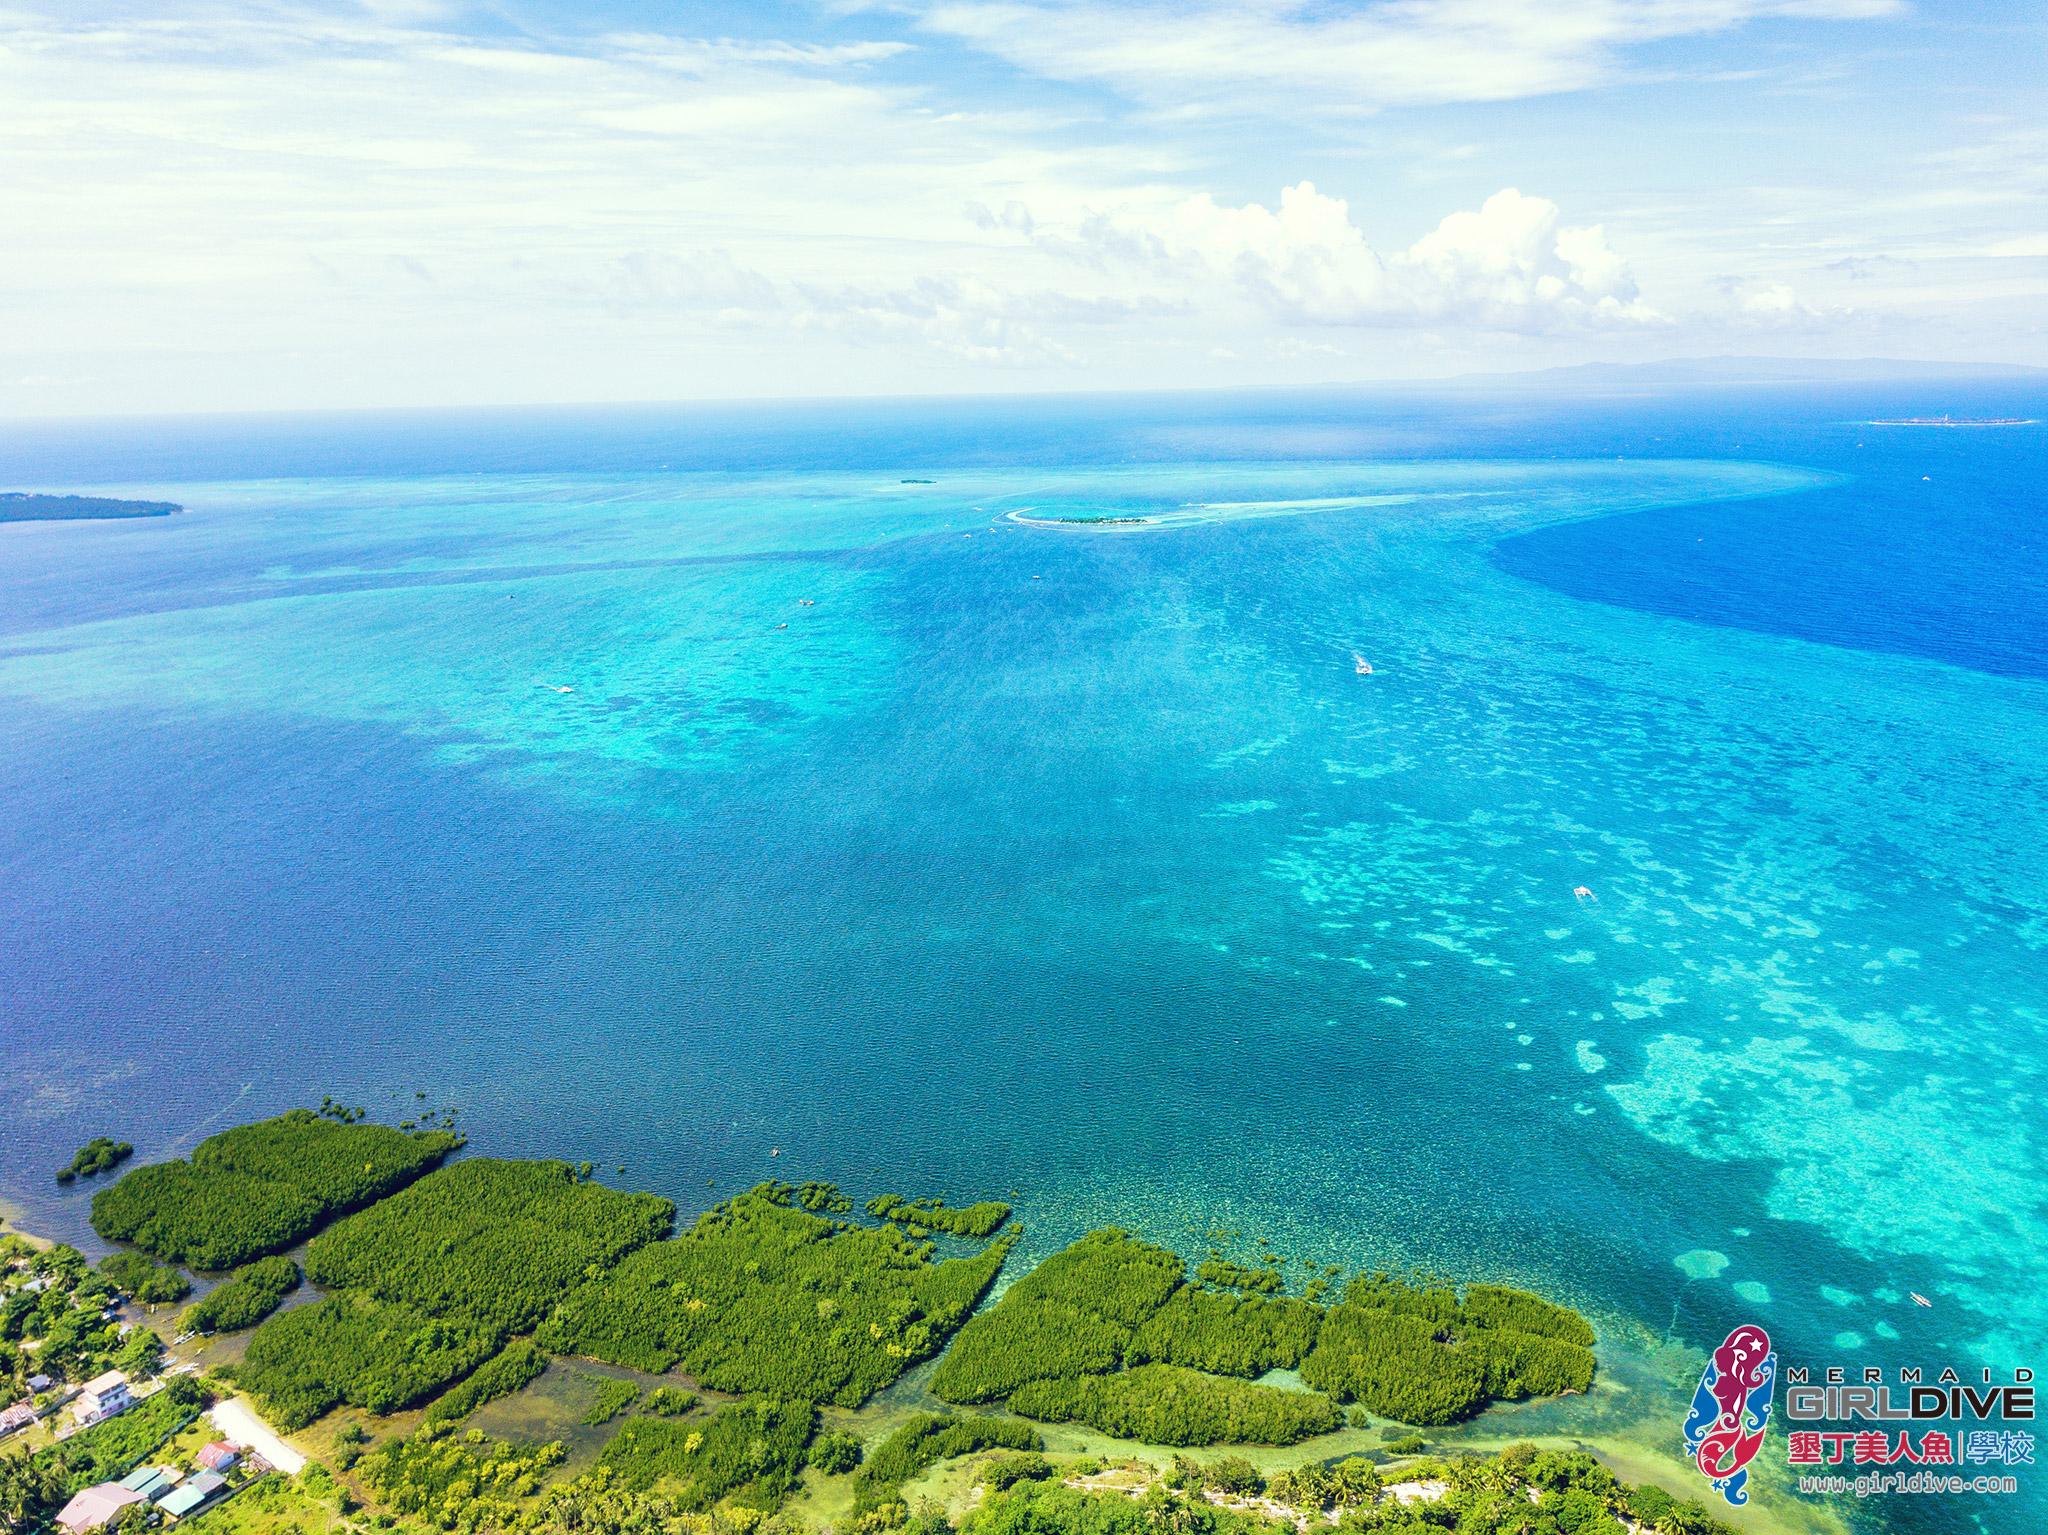 邦勞,處女島,巴里卡薩,跳島,自由潛水,浮潛